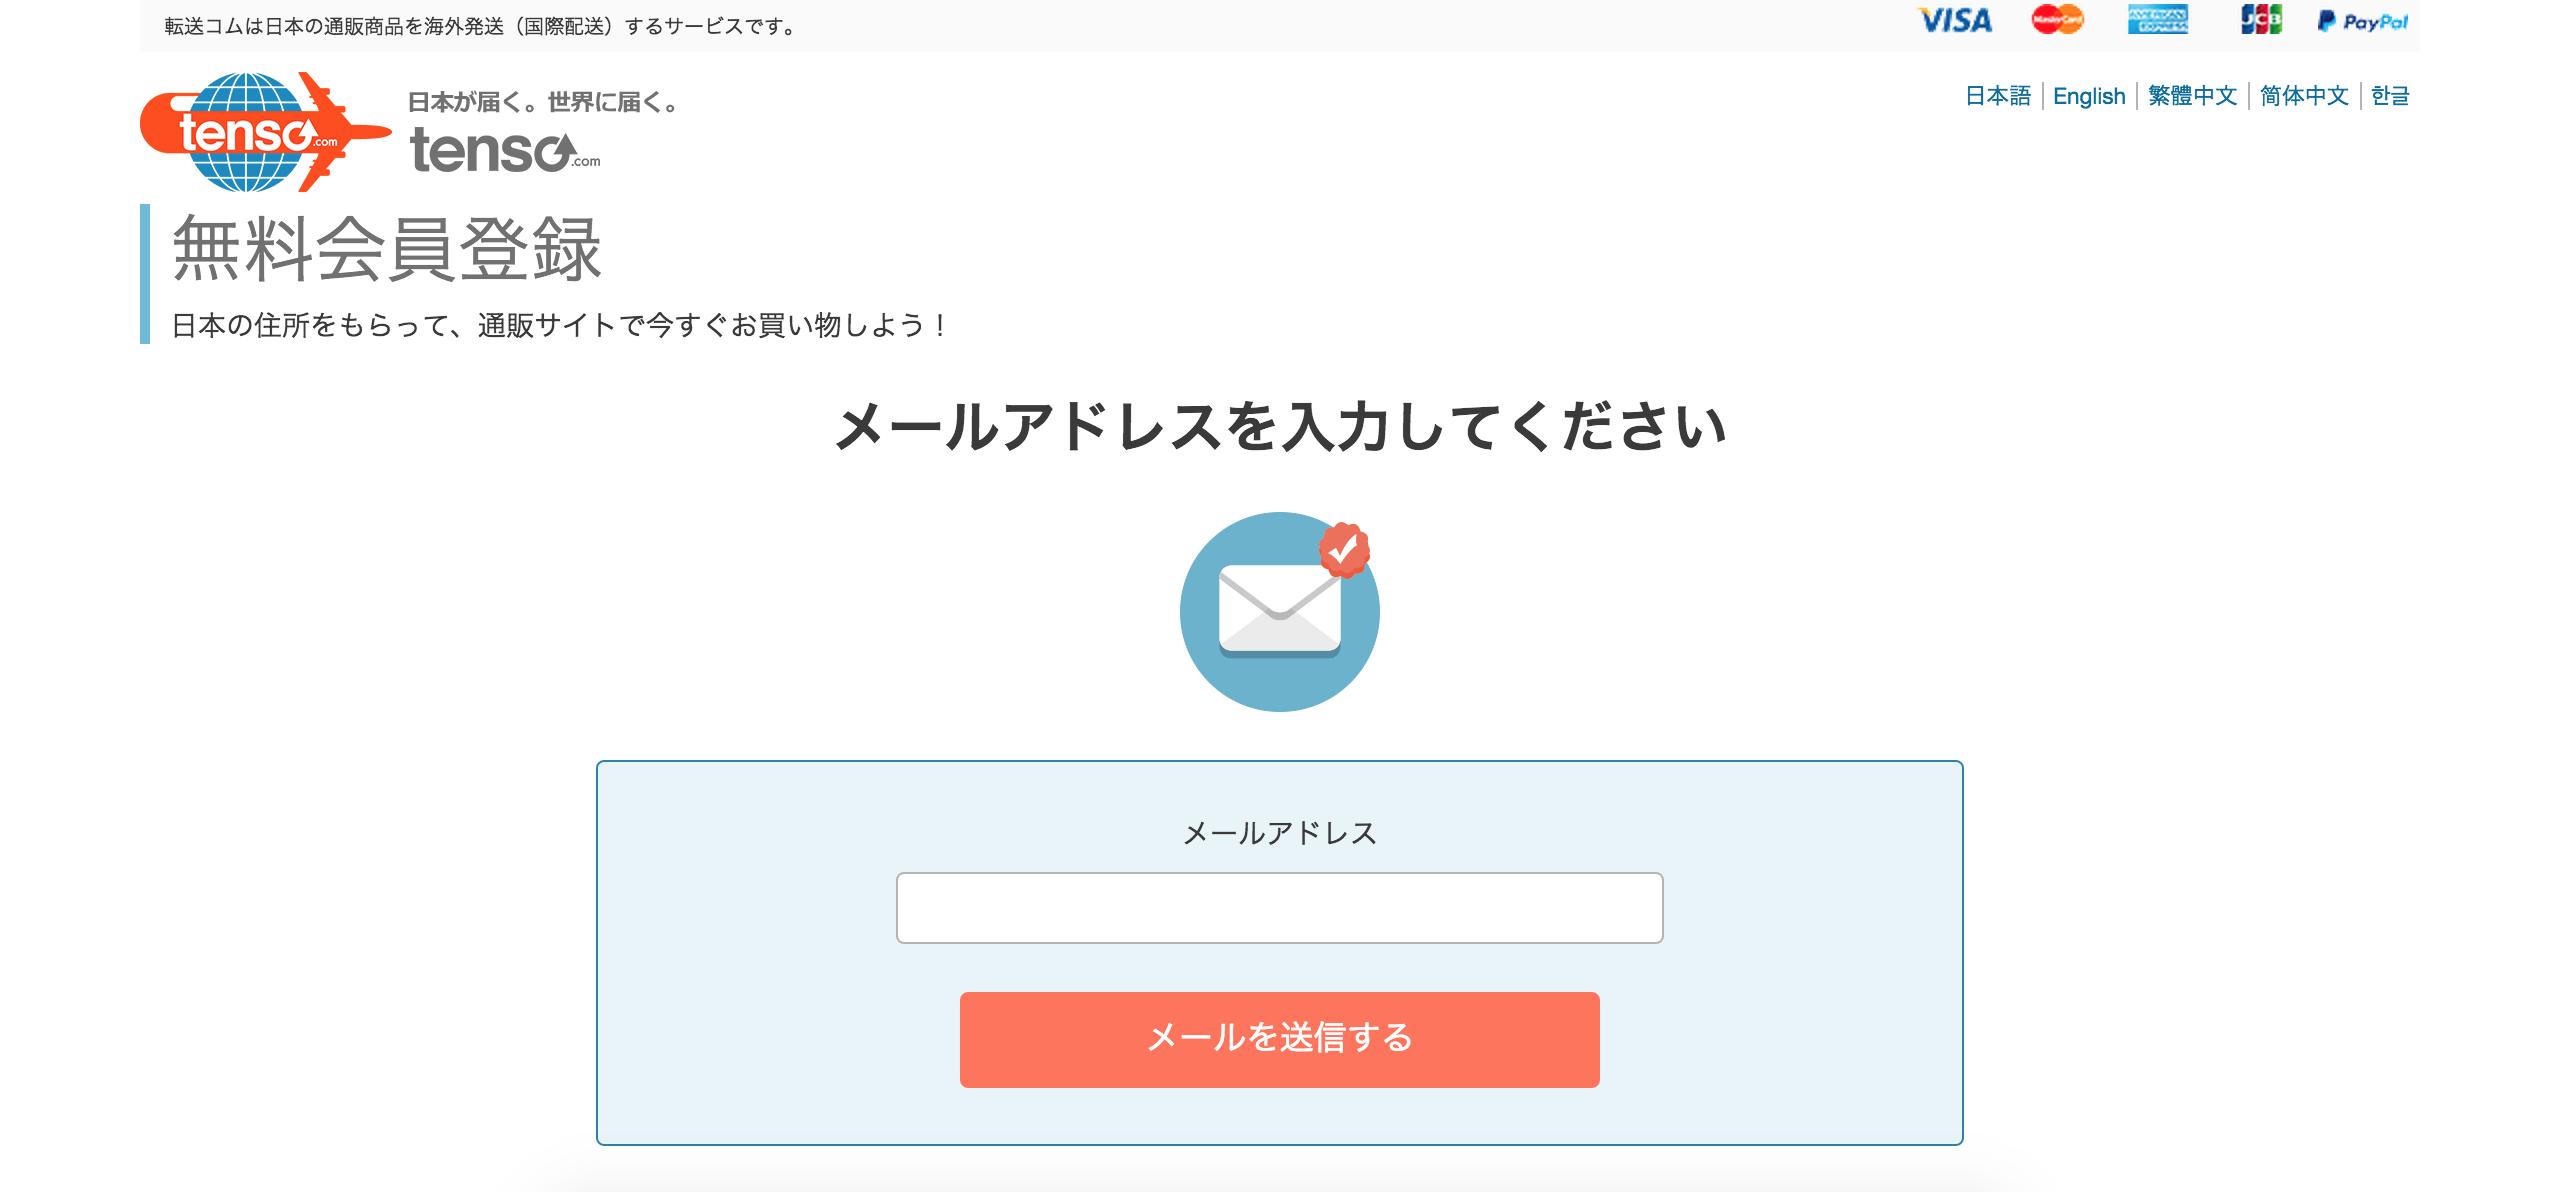 スクリーンショット 2015-09-13 18.41.18